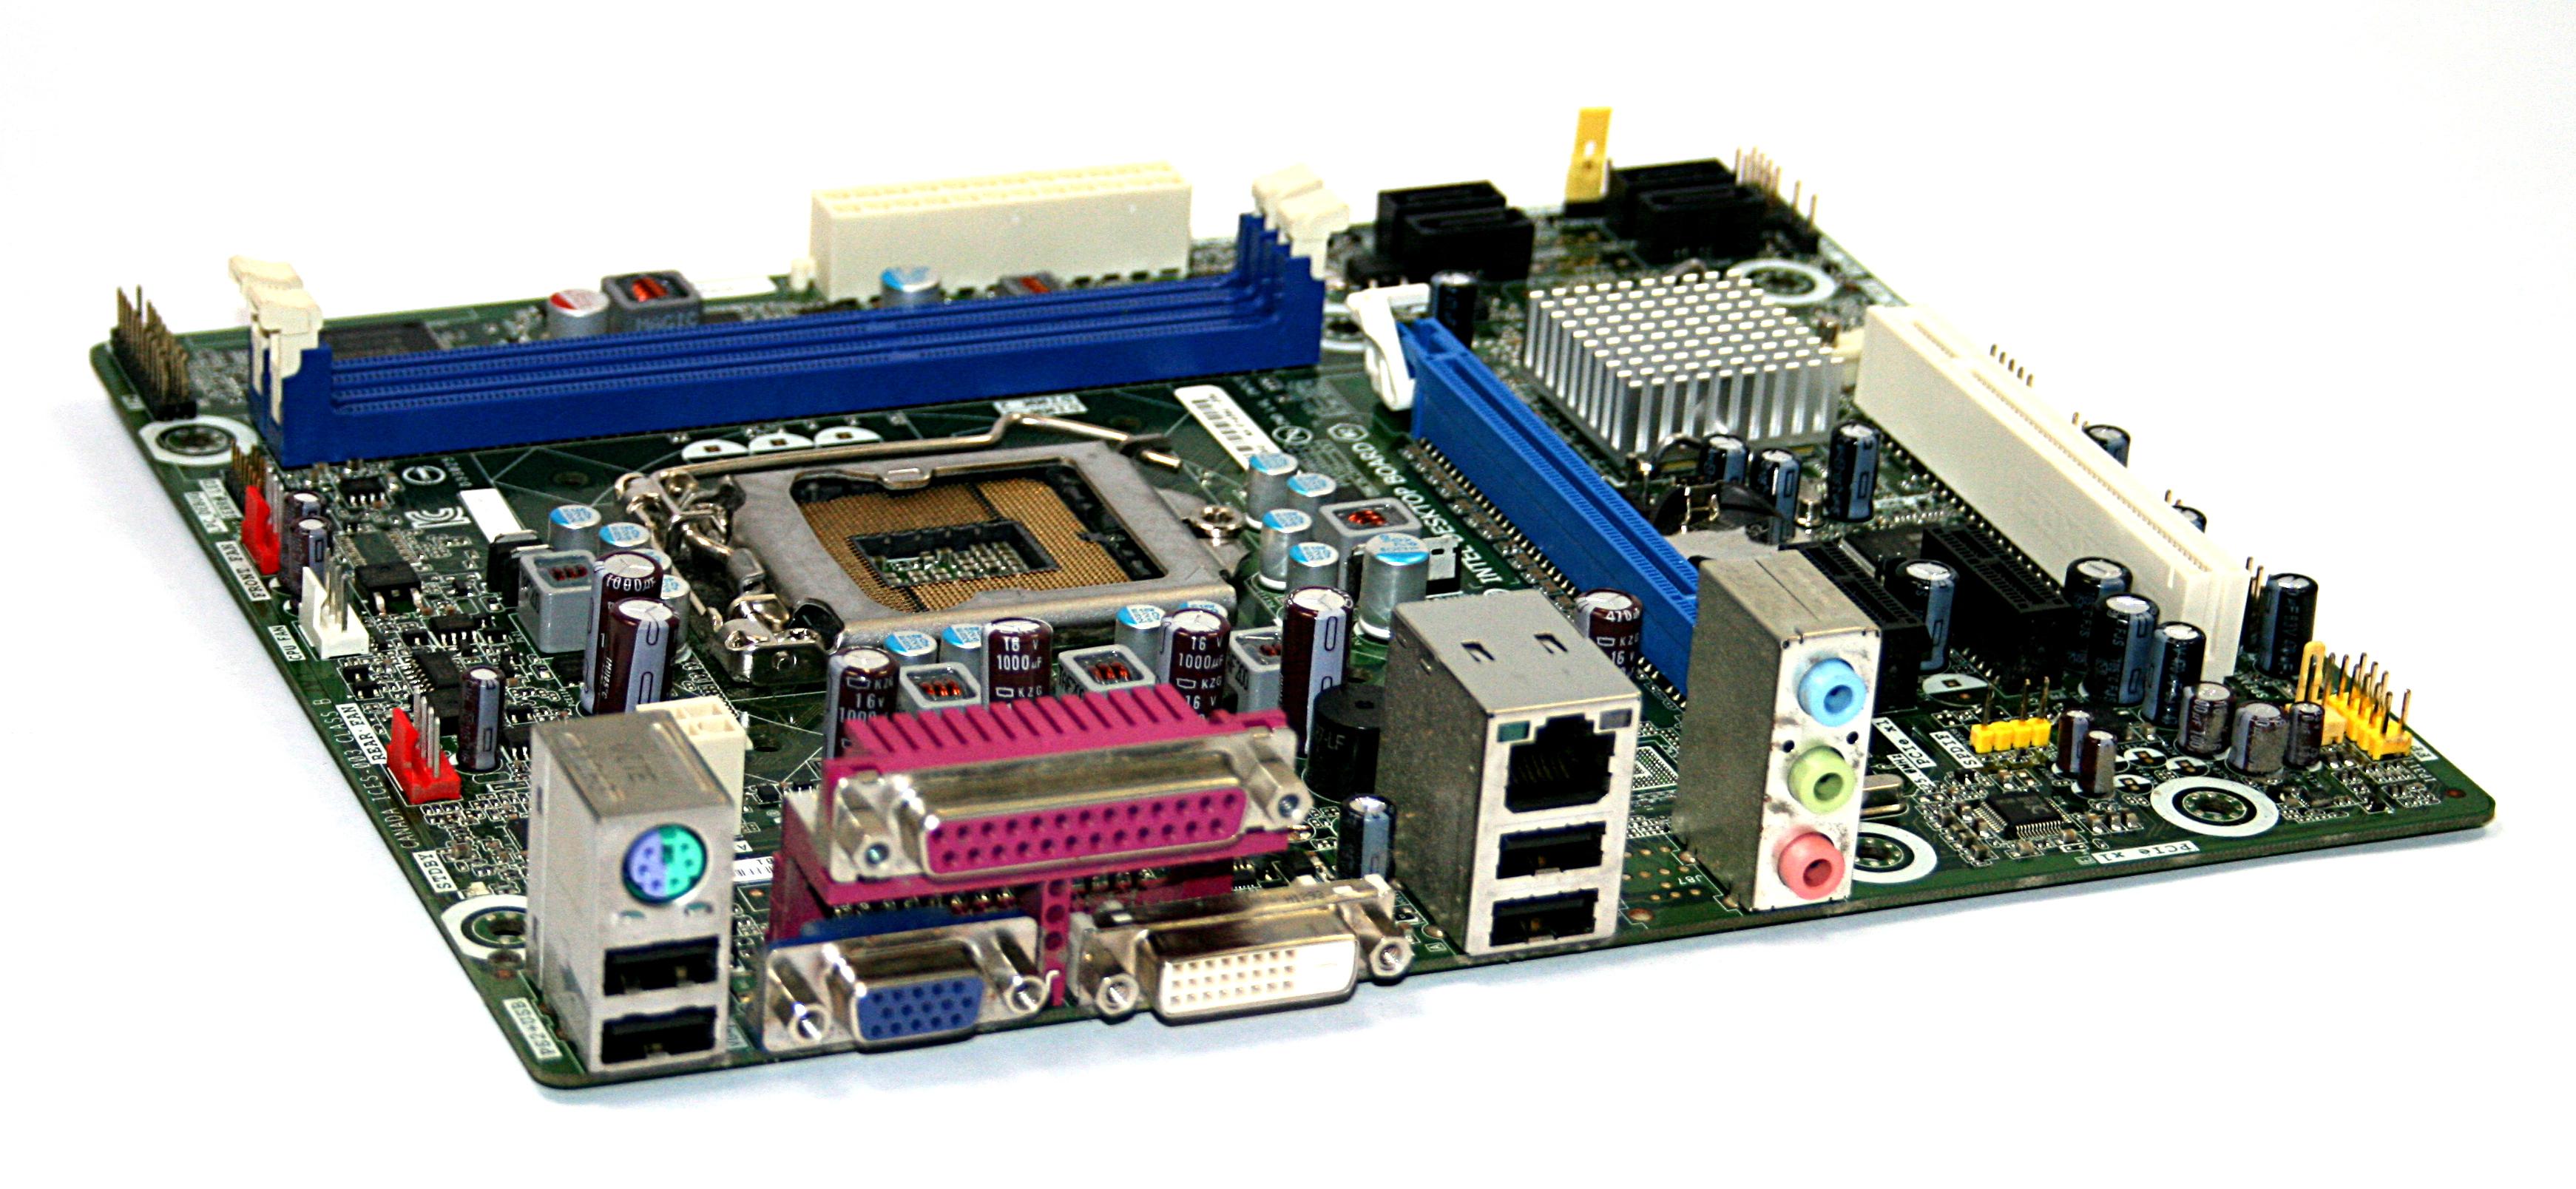 Intel G14064-210 DH61CR Socket LGA1155 Desktop Motherboard